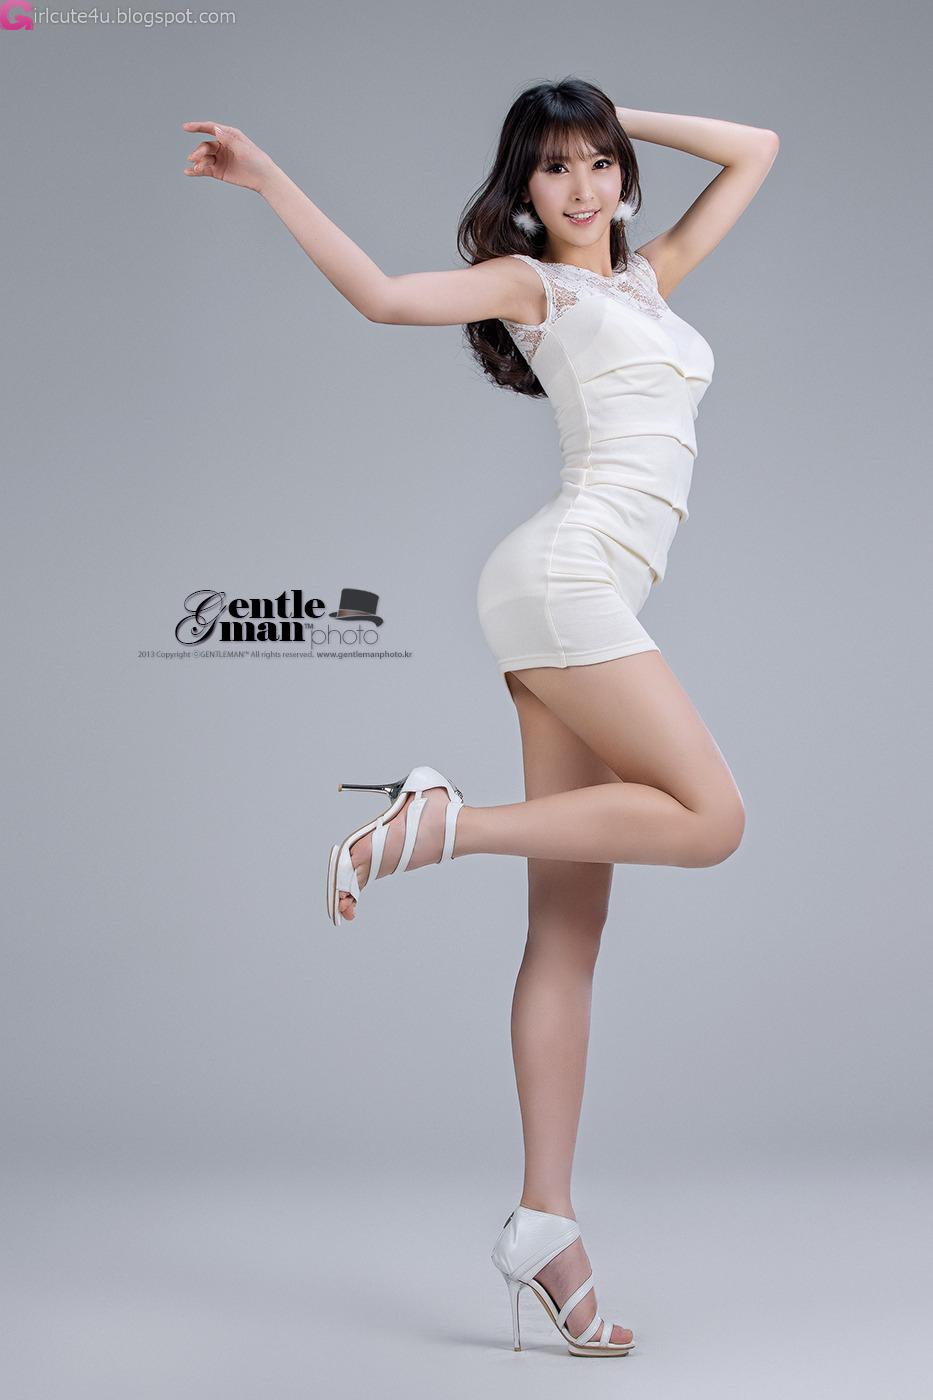 Warm Nude Shi Min Photos